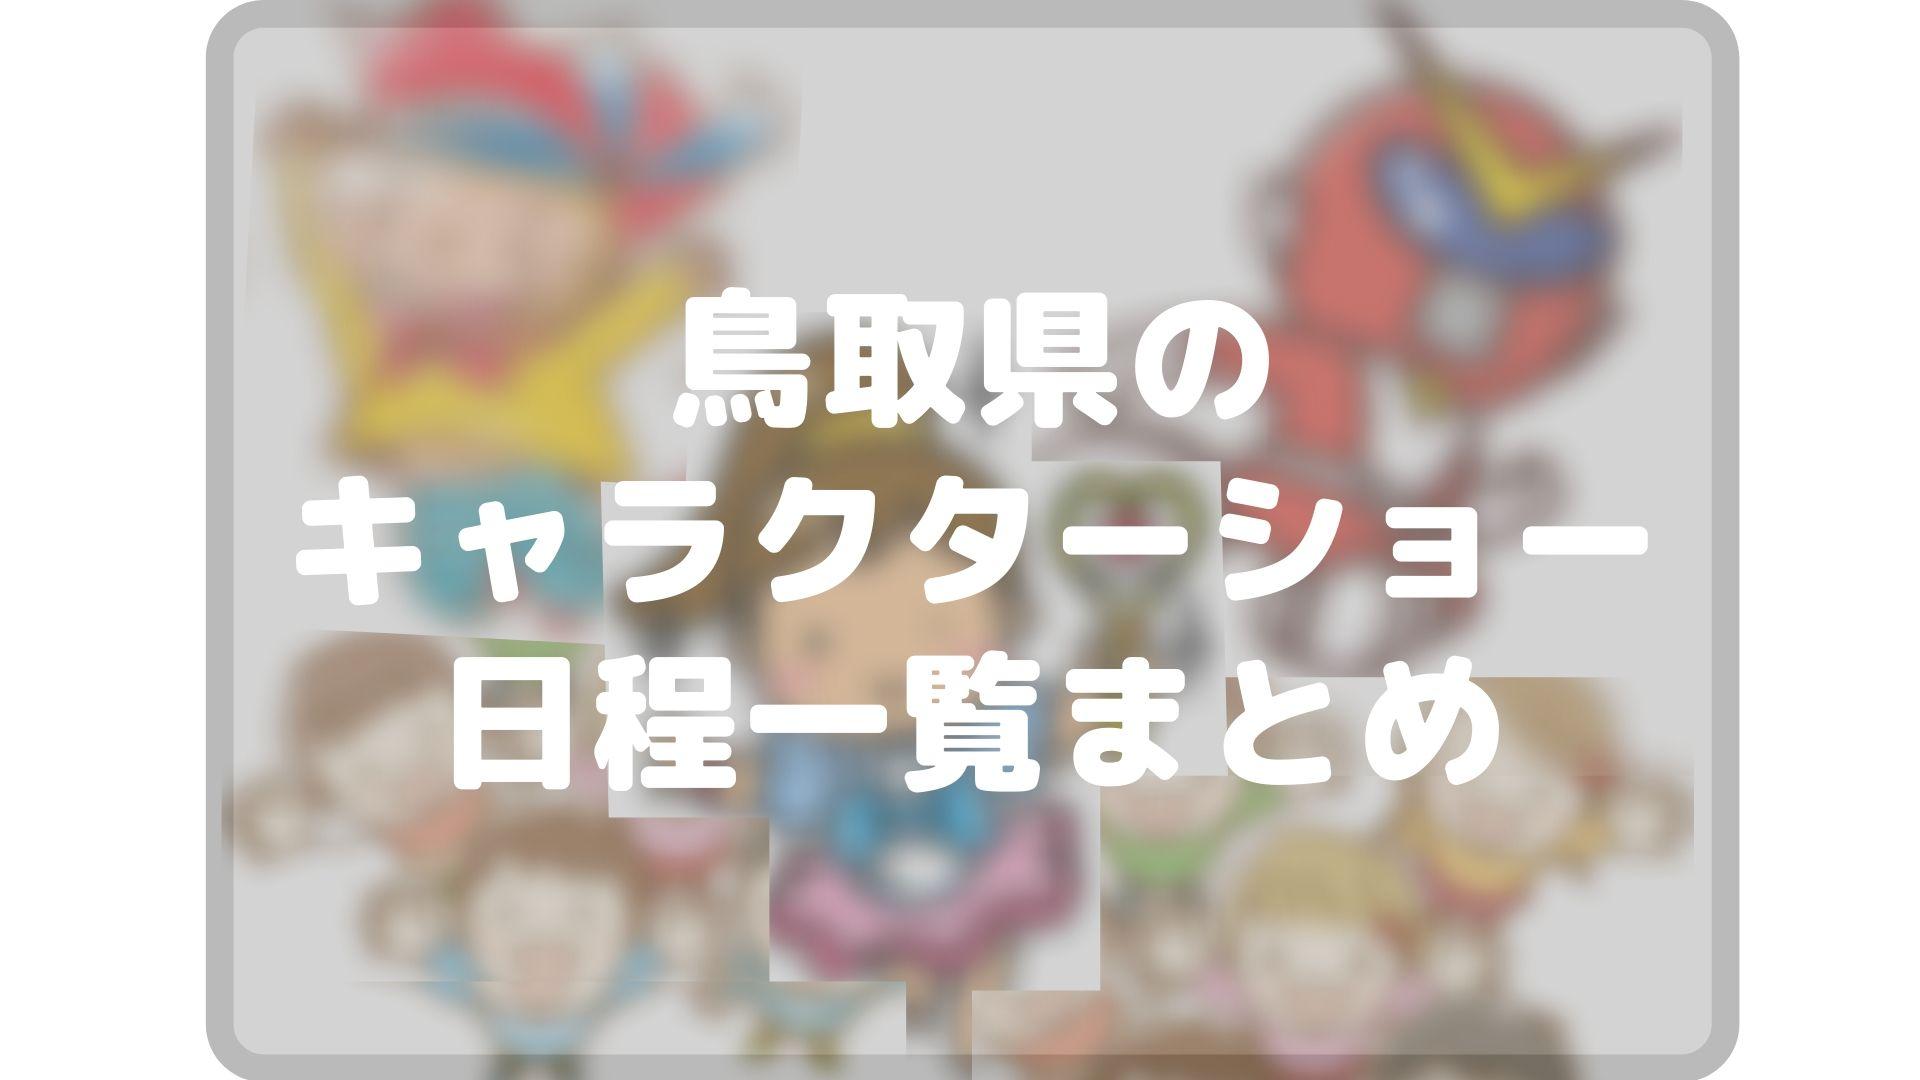 鳥取県のキャラクターショーまとめタイトル画像